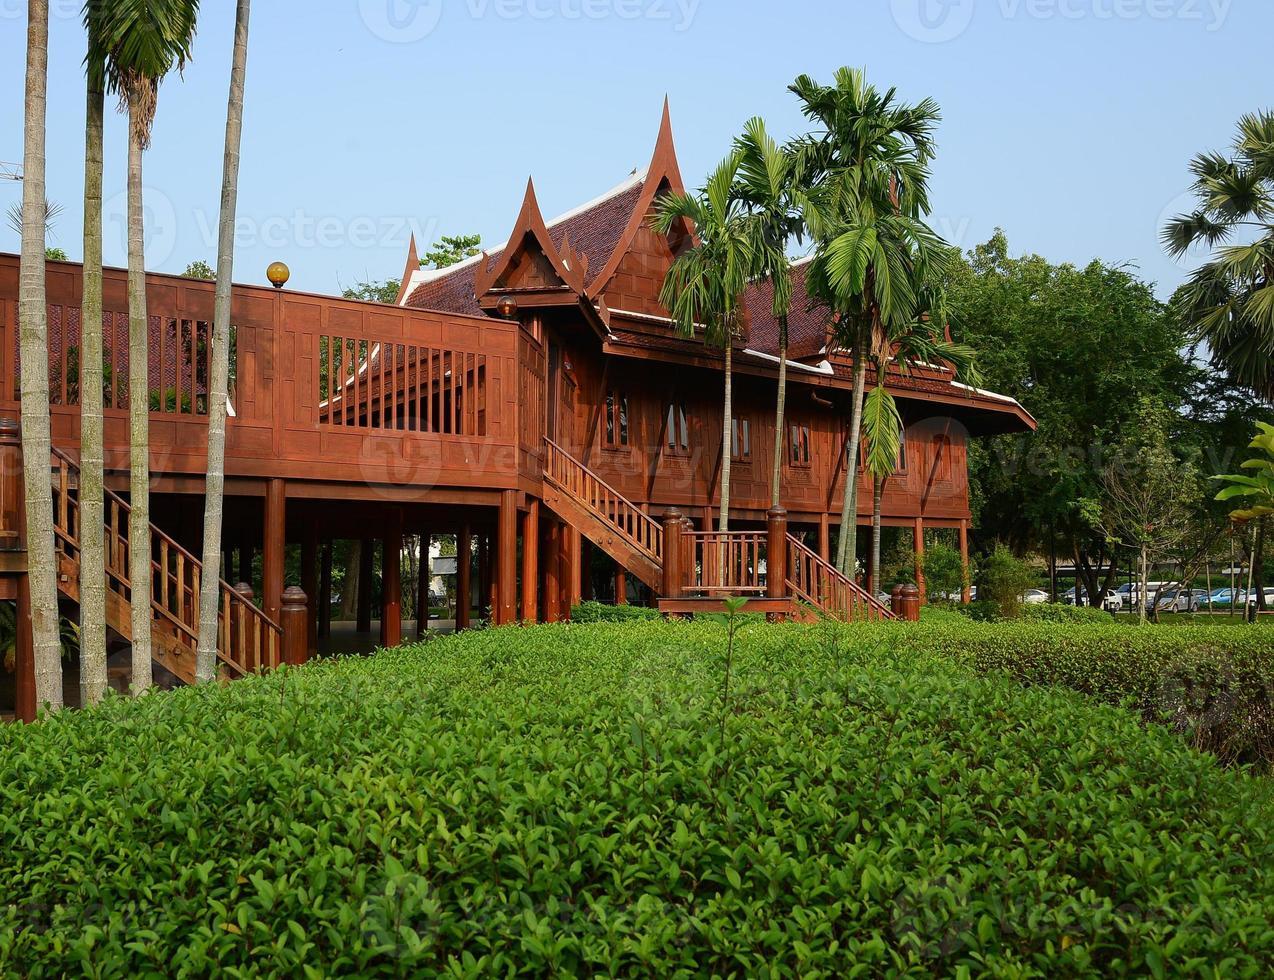 maison thaïlandaise photo